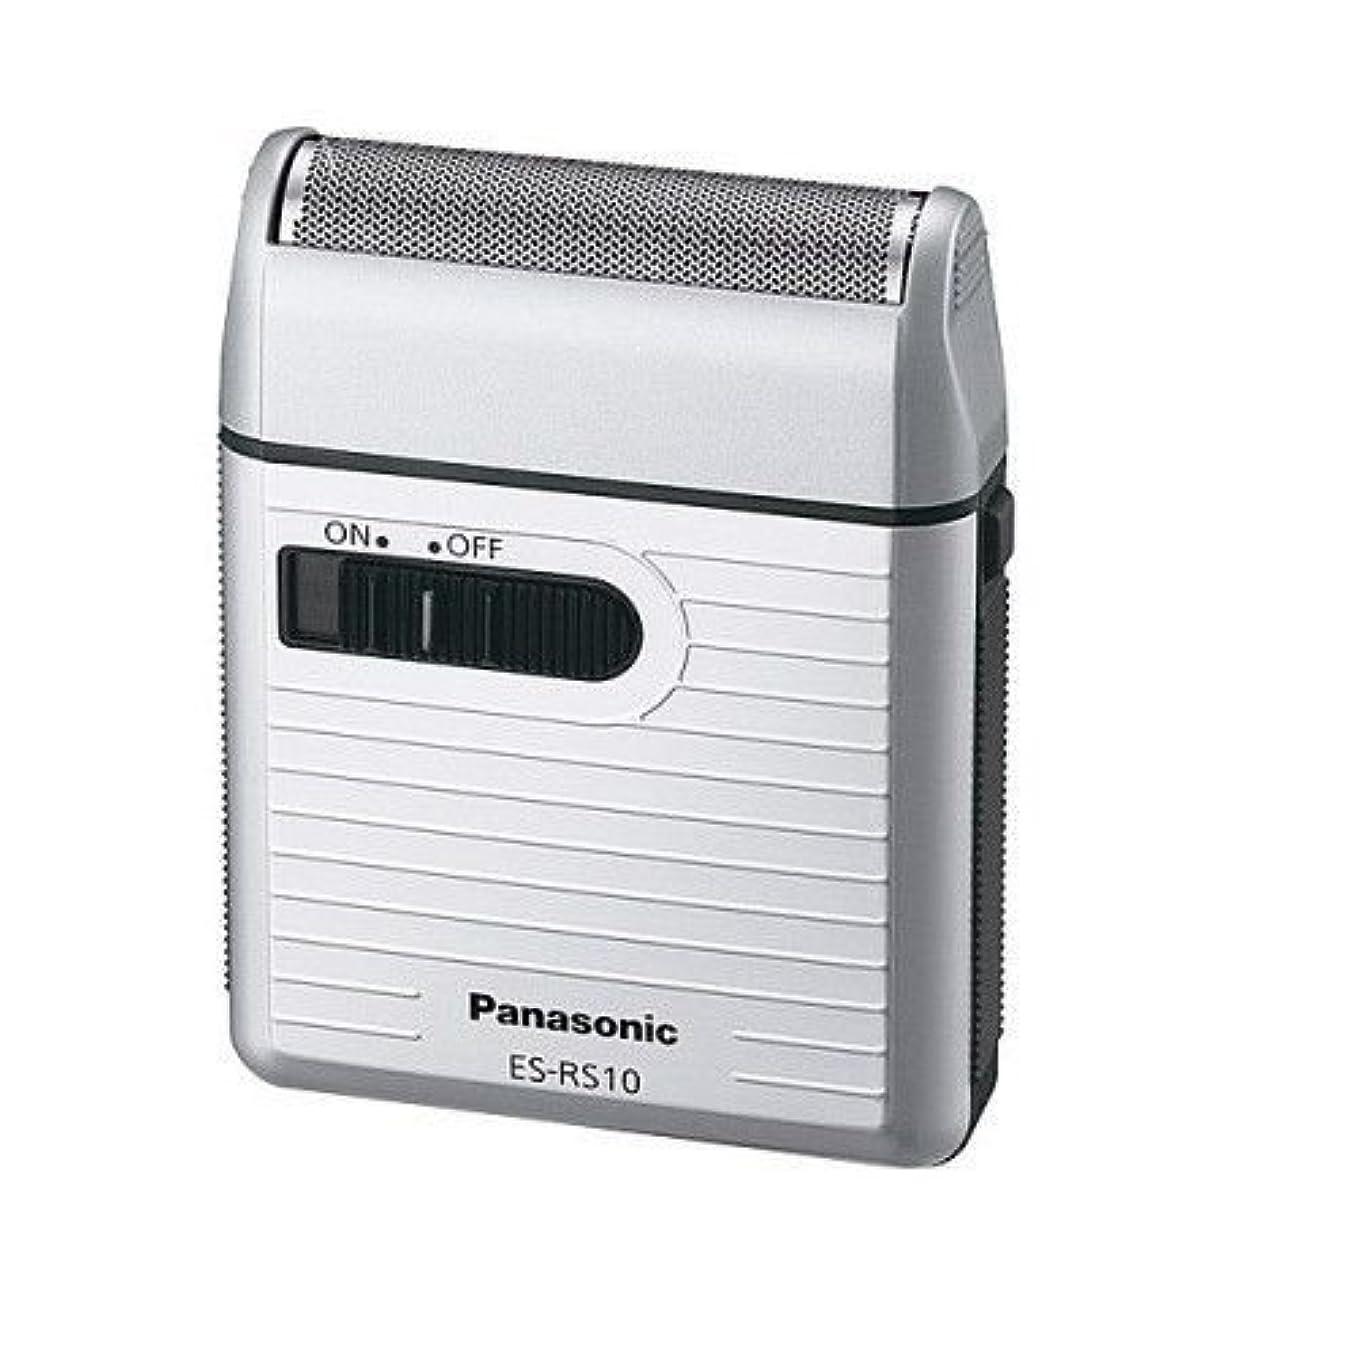 赤字勉強する近傍Panasonic ES-RS10-S ンズポケットシェーバーシルバー ESRS10 日本製 [並行輸入品]